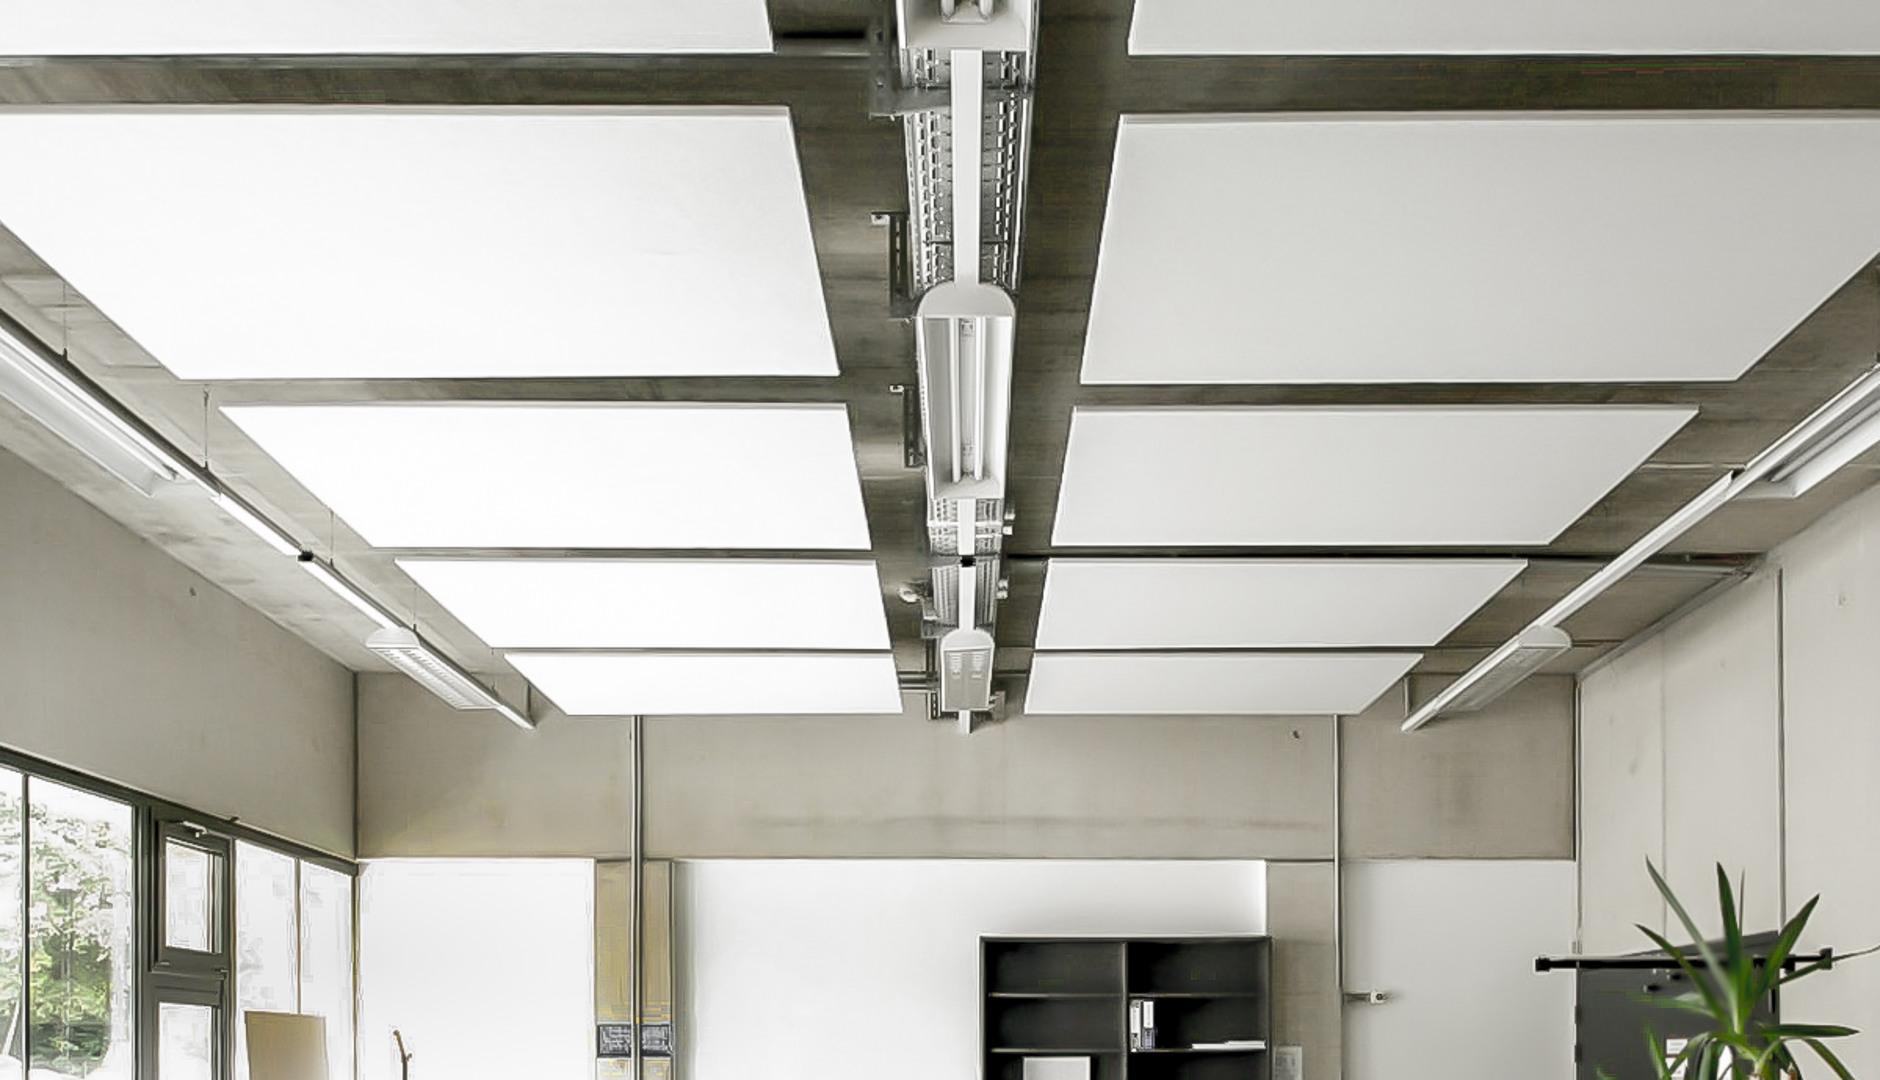 Weiße Deckensegel in einem modernen Büro